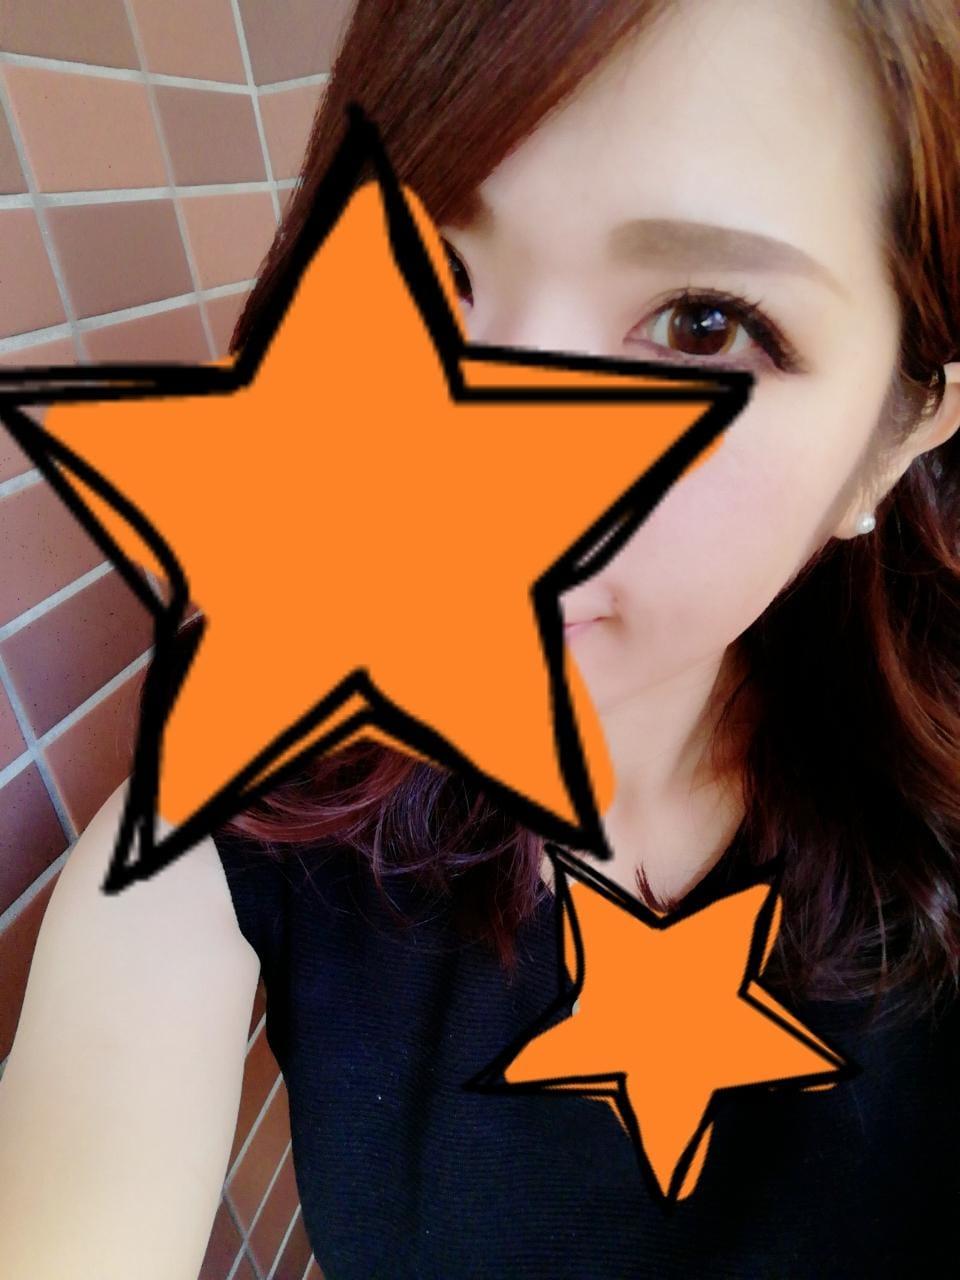 「おはようございます!」08/21(火) 15:04 | 福浦のりかの写メ・風俗動画